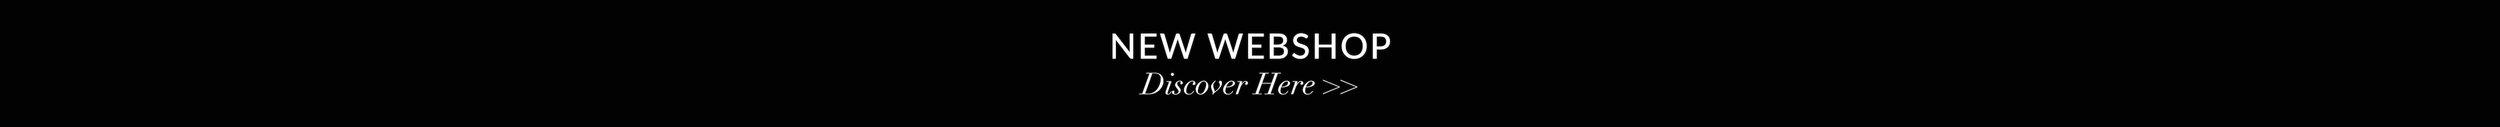 New-Webshop-Banner.jpg